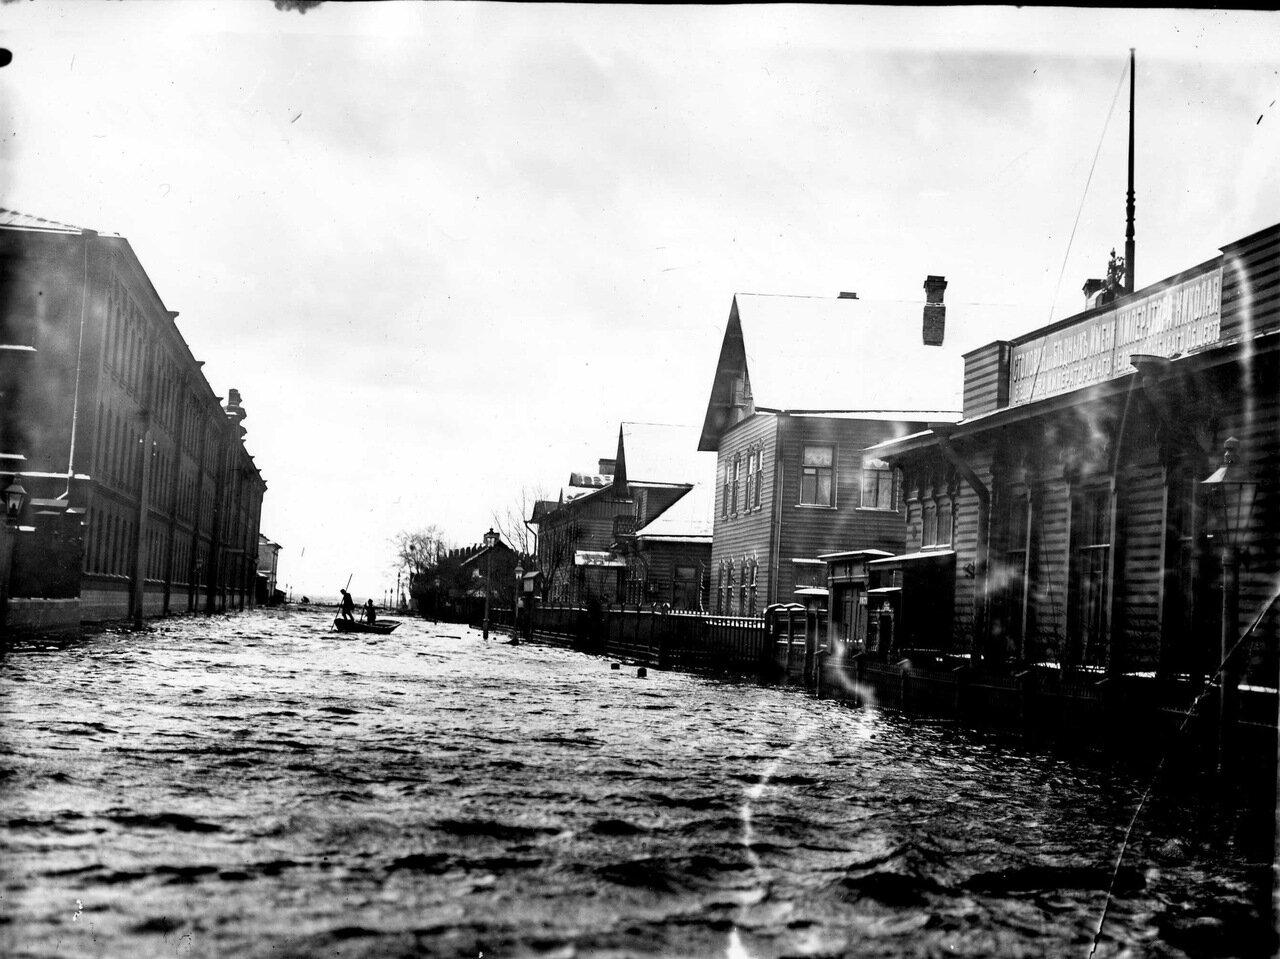 Наводнение. Большой проспект Васильевского острова. 1903 г.